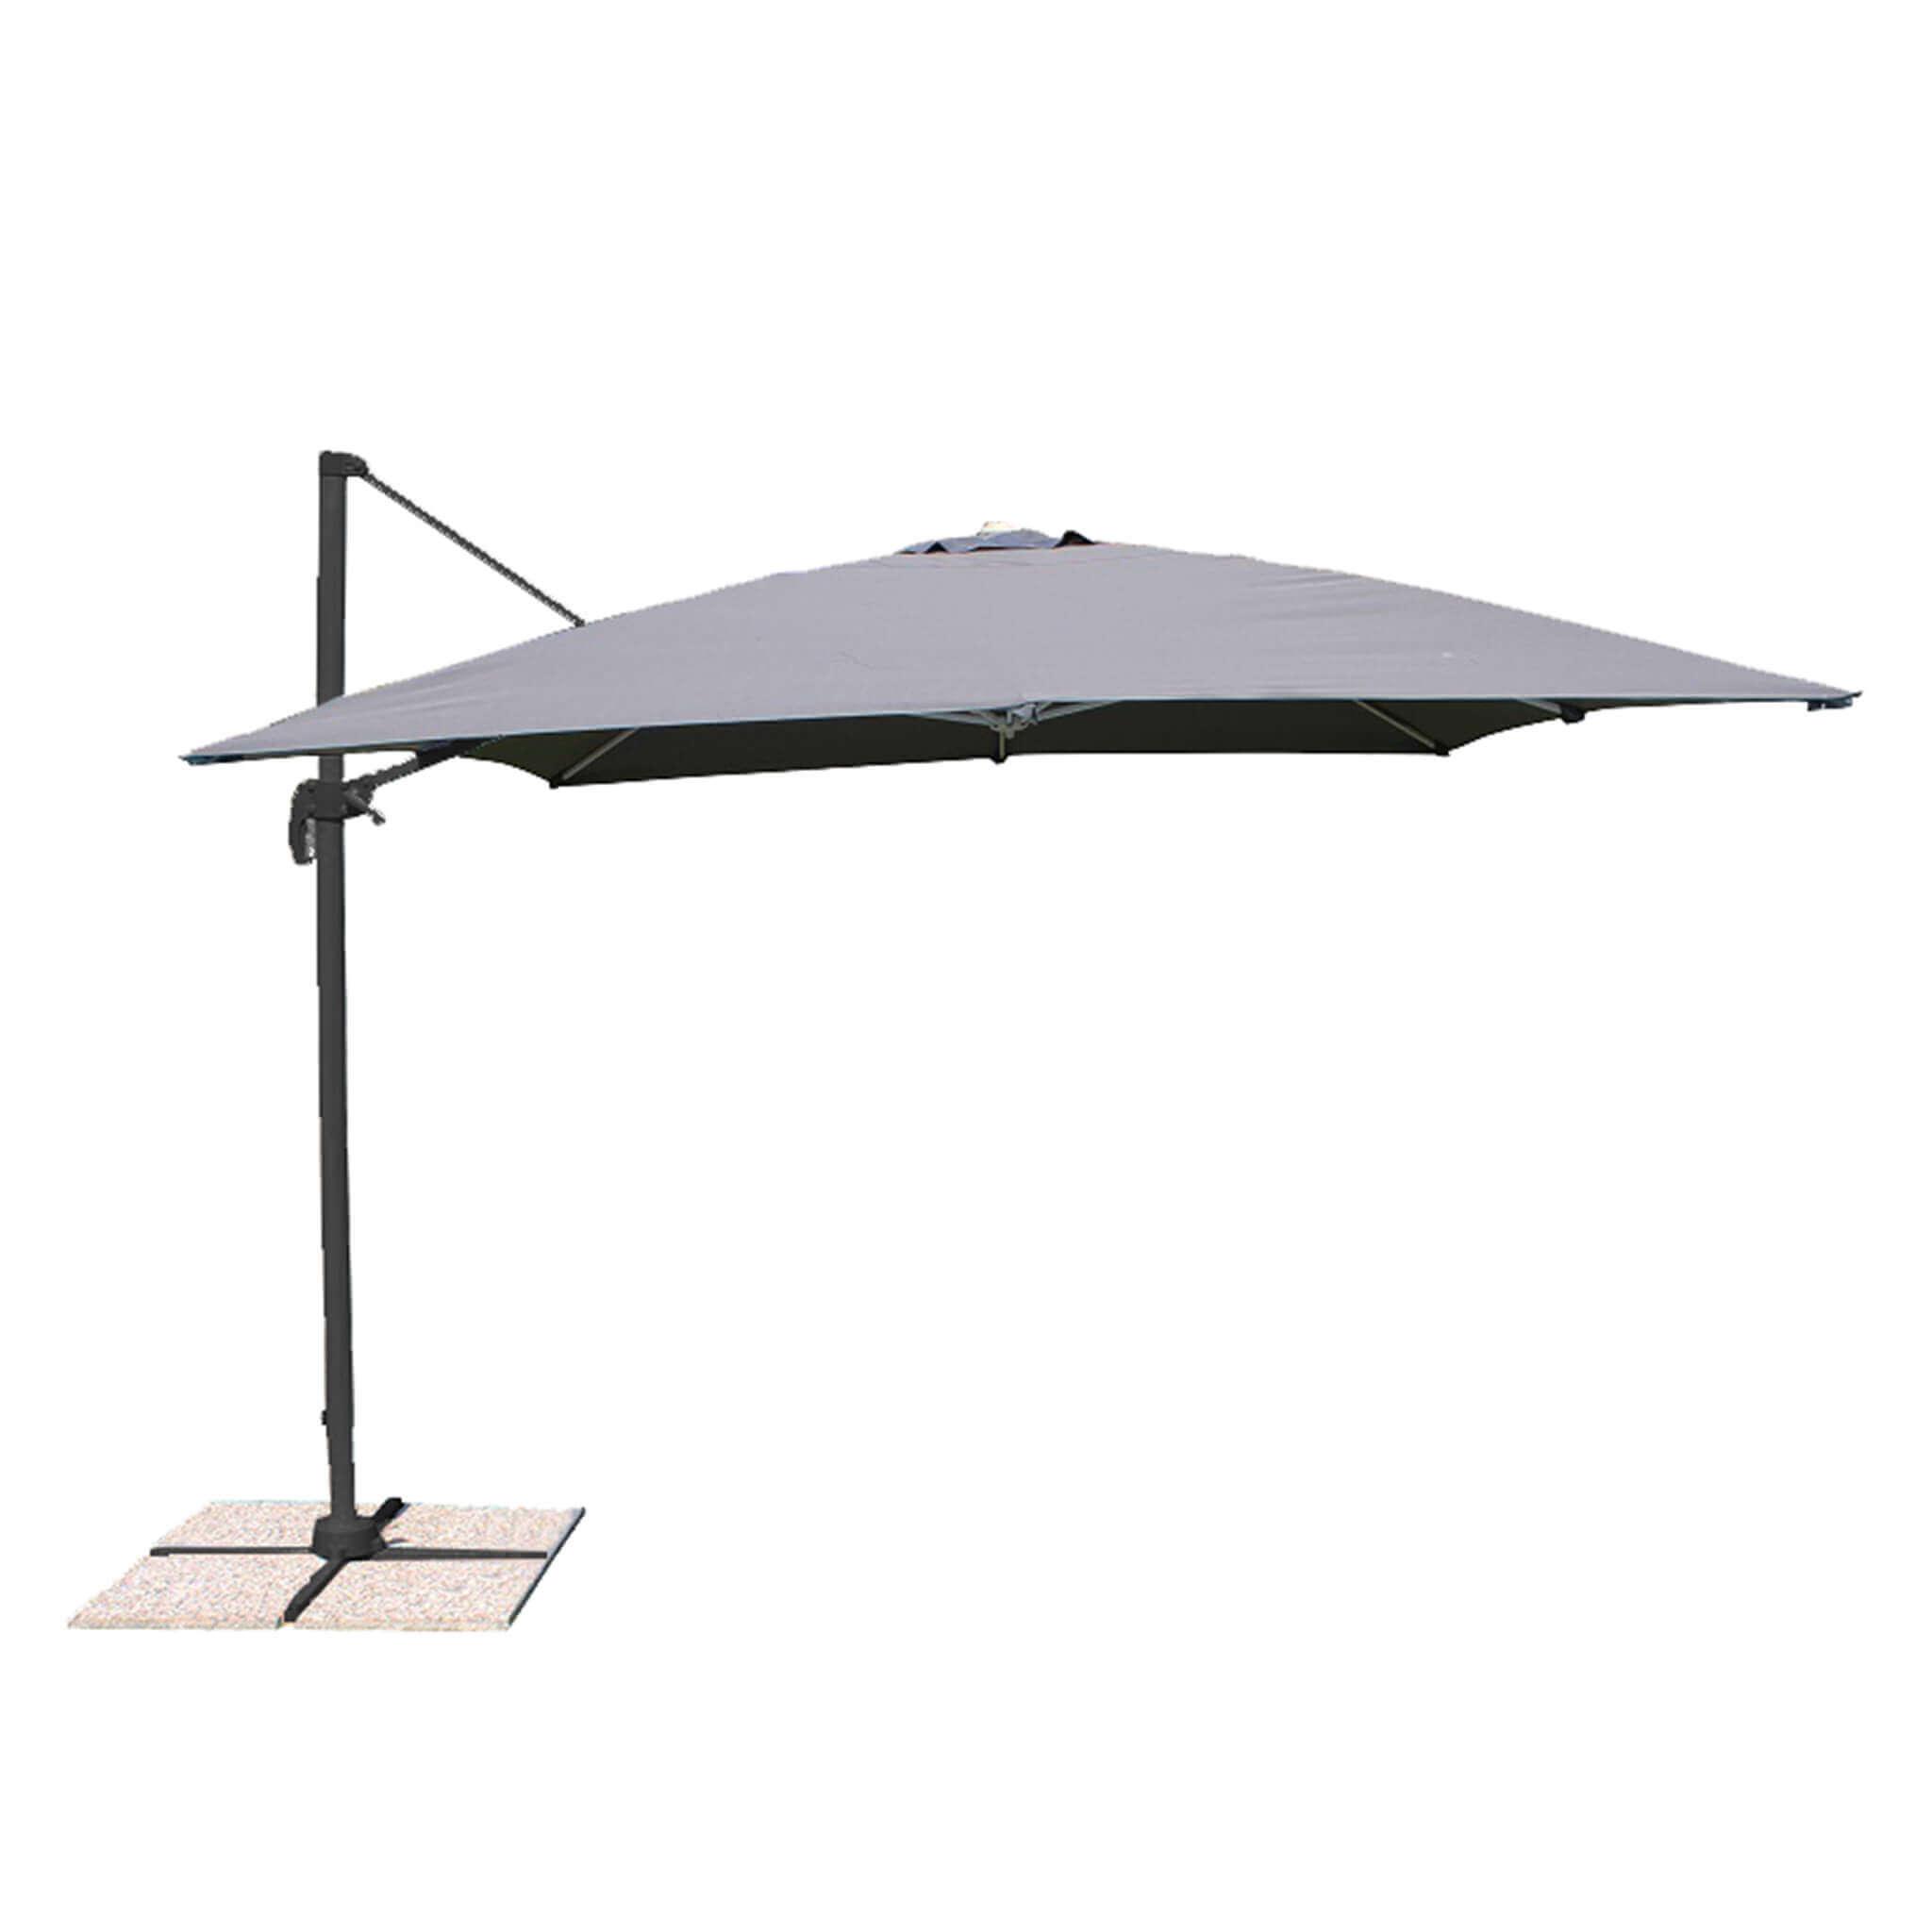 Milani Home MERIDIES - ombrellone da giardino 3 x 4 decentrato